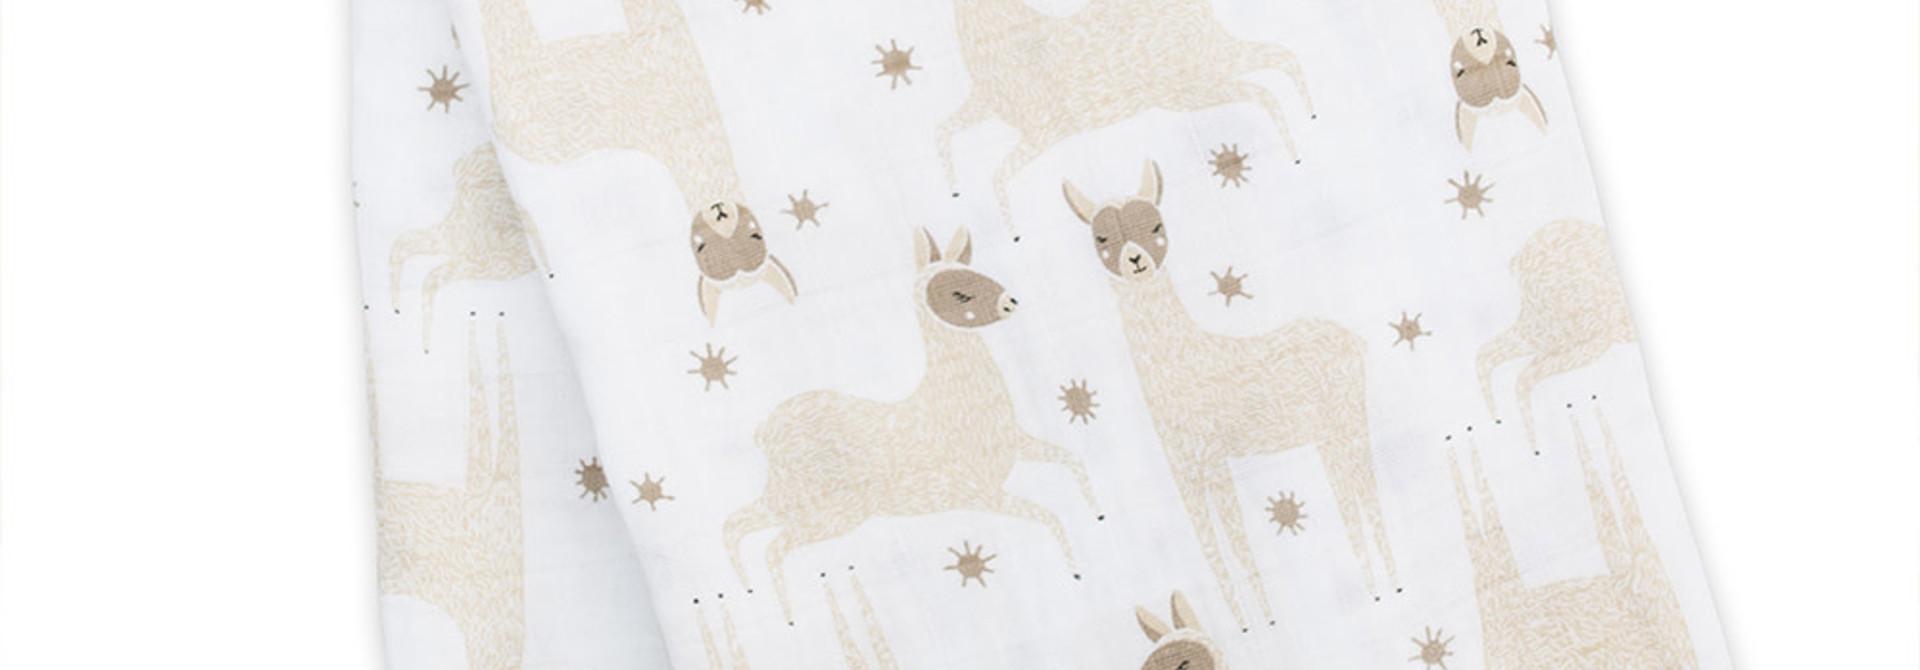 Mousseline en coton moderne - Lamas